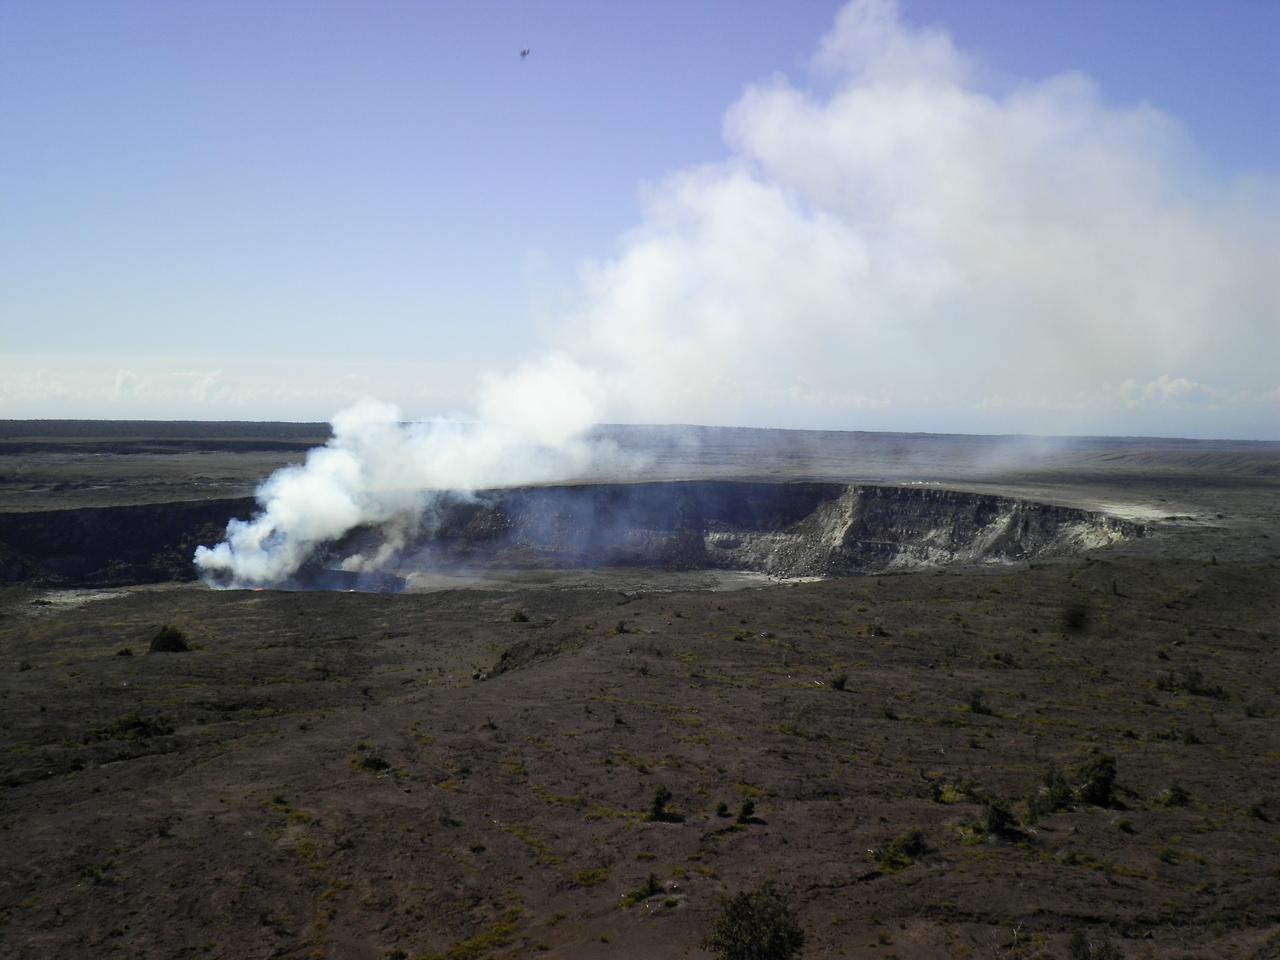 画像3: 【世界をあるく】ツアーのご紹介~ハワイ島大自然満喫ハイキング長谷川ネイチャーガイドとじっくり歩く6日間~